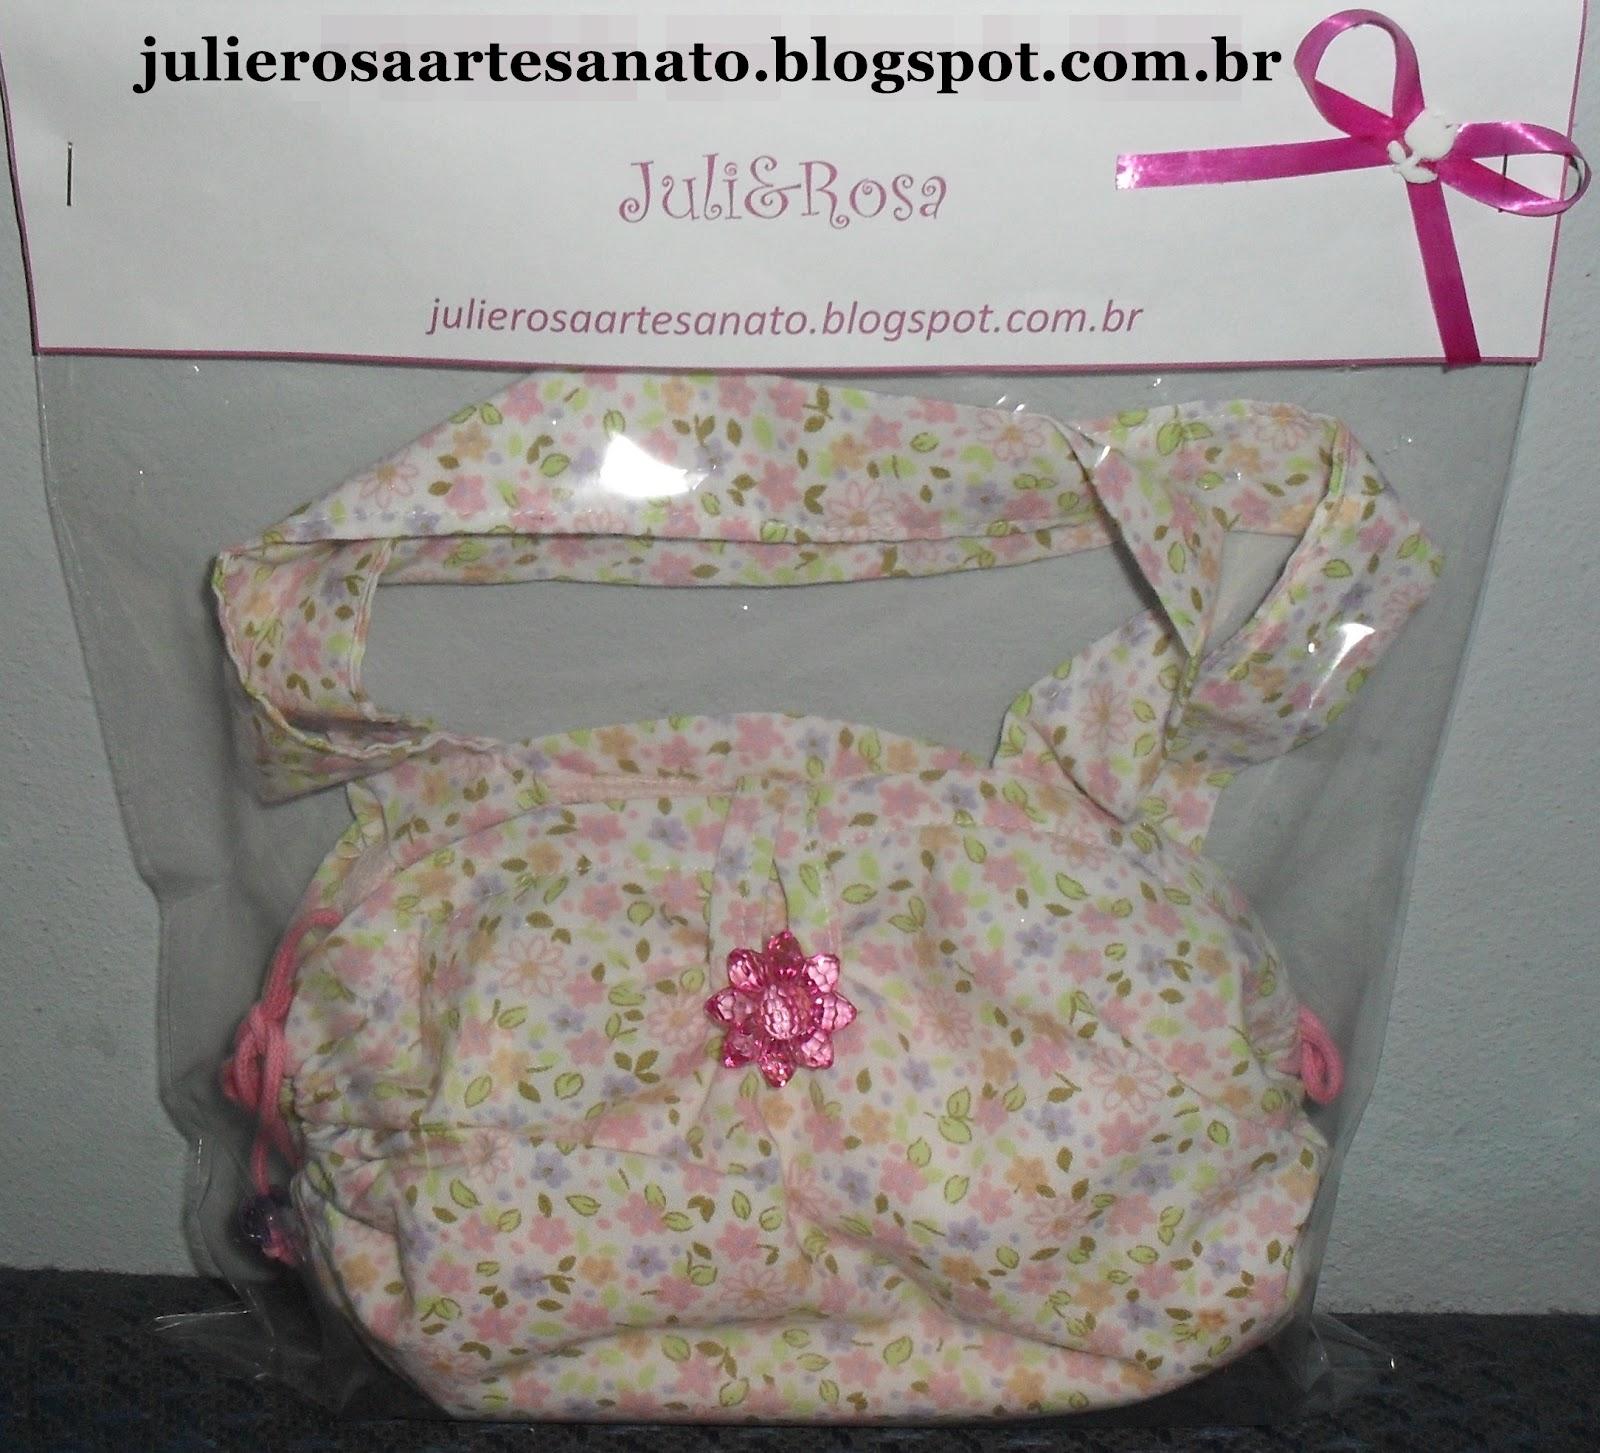 f07fabb83 Ateliê Juli&Rosa, Artesanatos, Lembrancinhas e Cia: Necessaire toalha